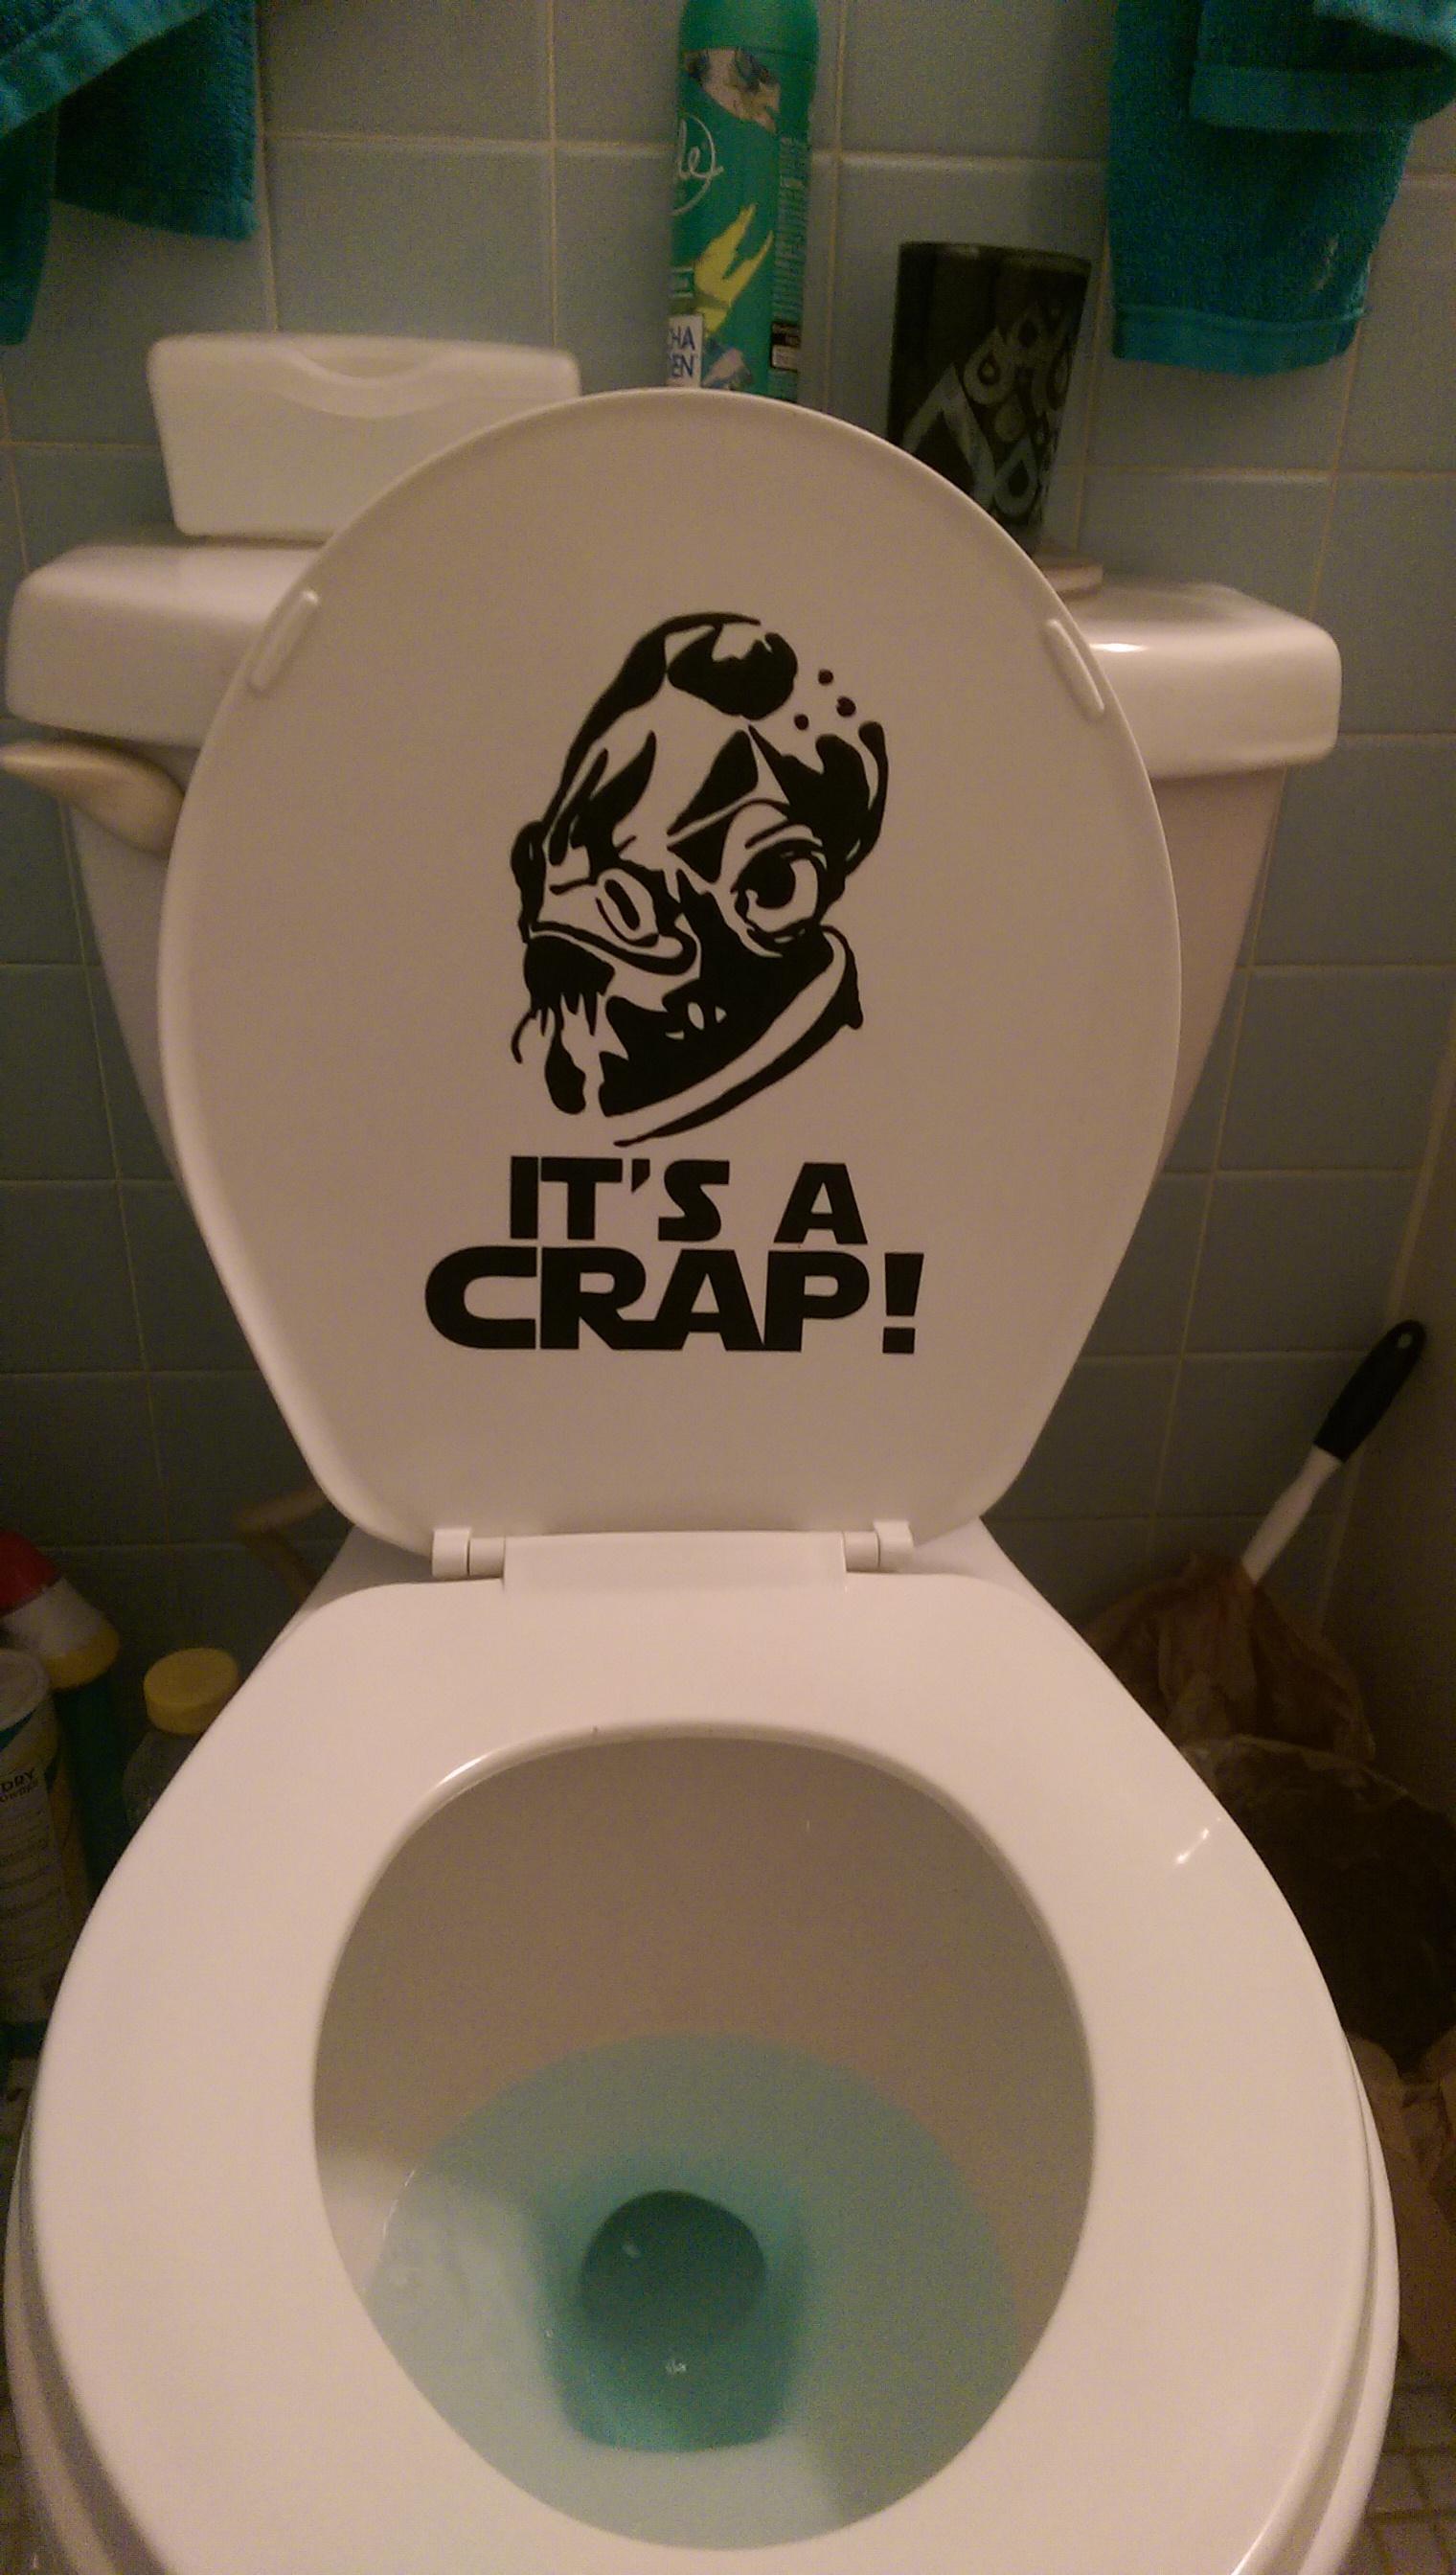 It's a crap